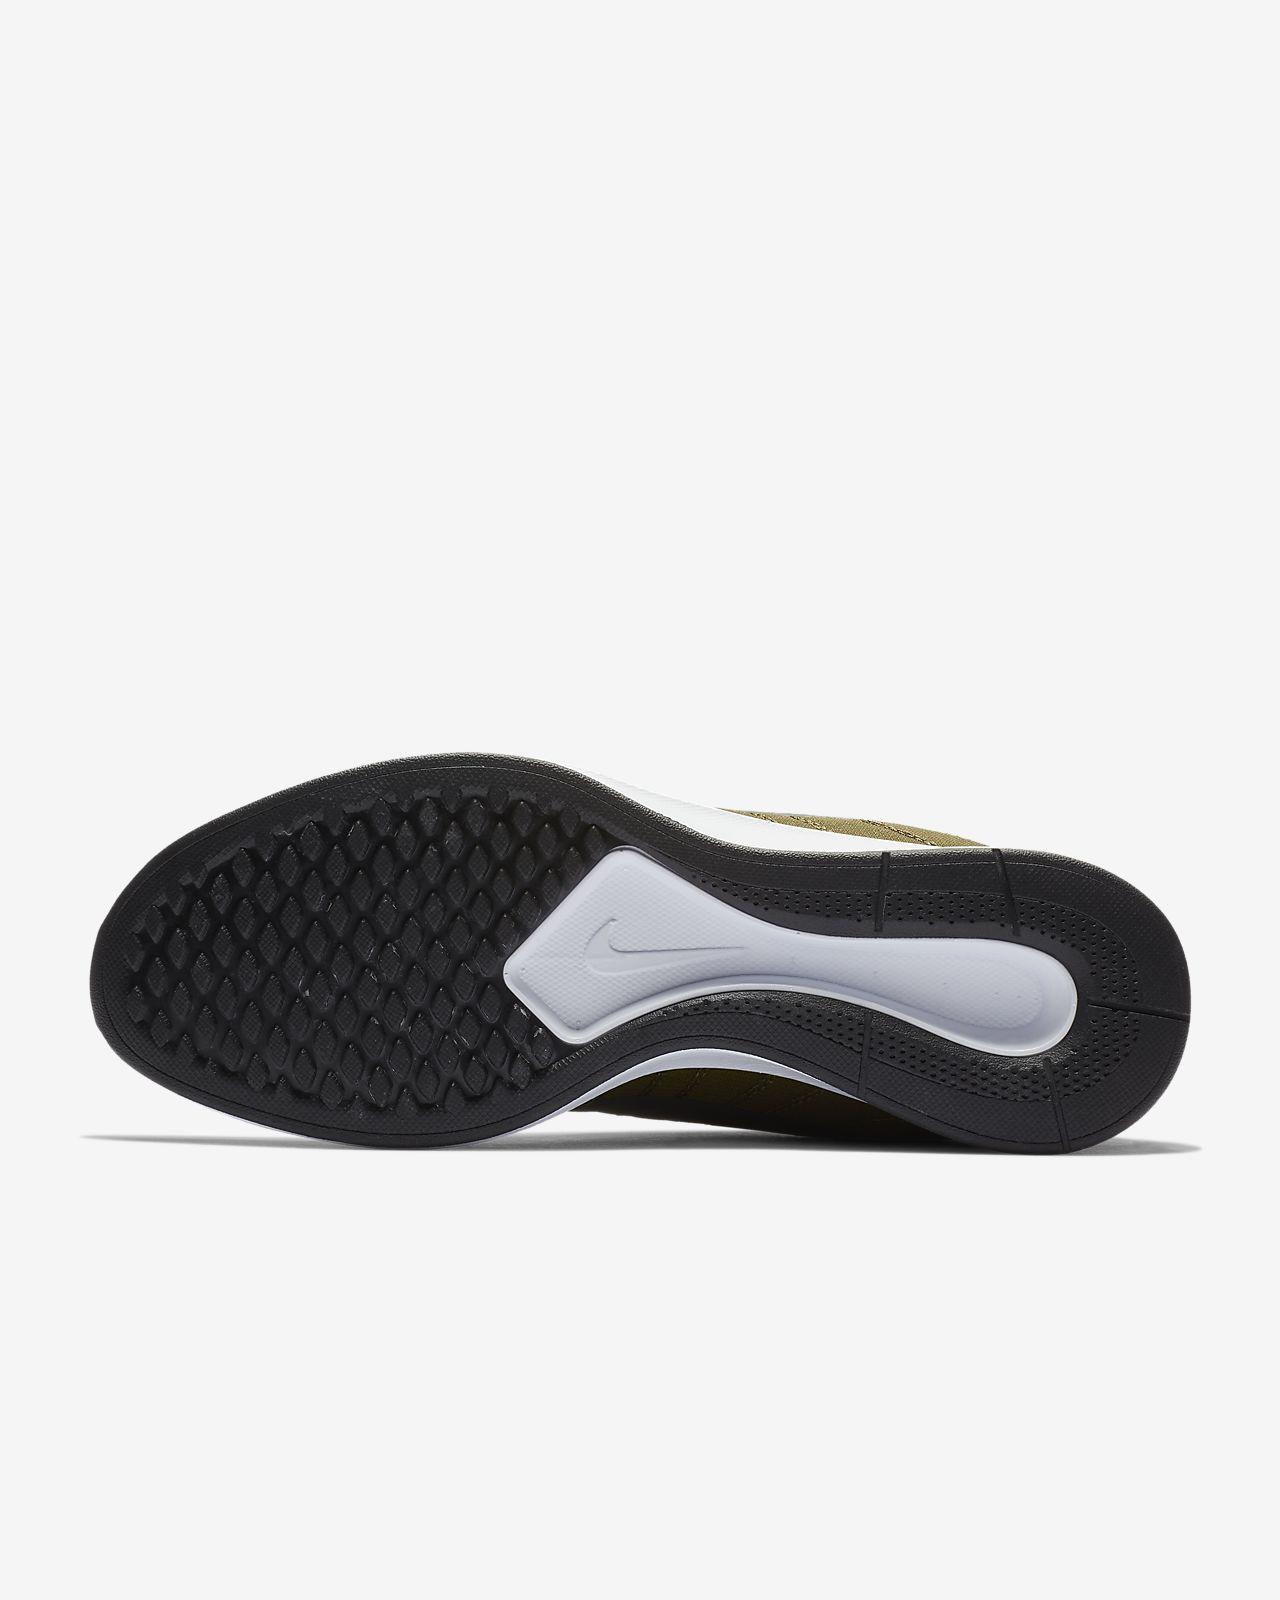 bfb7bf49fbf Nike Dualtone Racer Men s Shoe. Nike.com GB